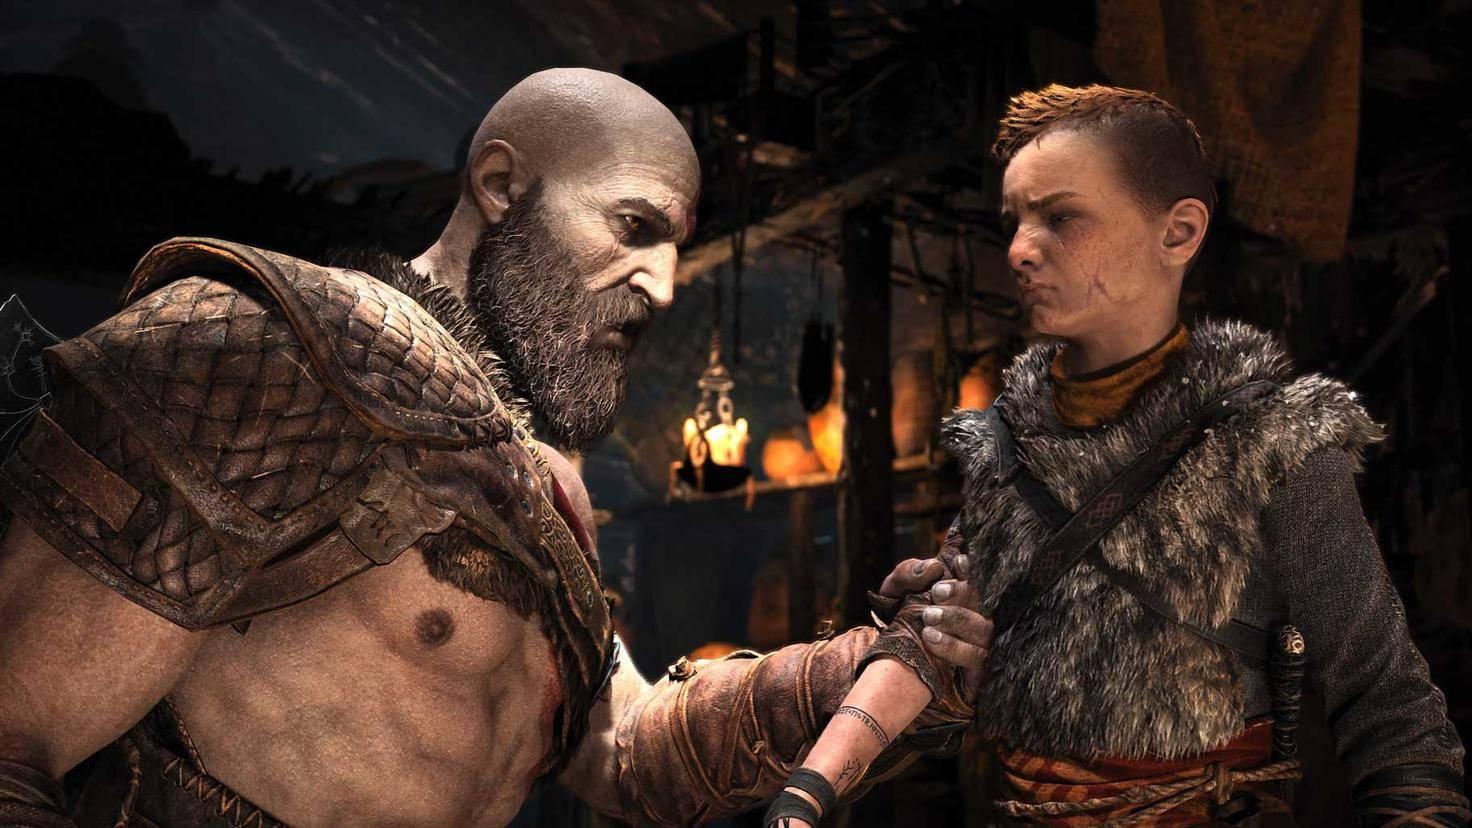 god-of-war-screenshot-kratos-atreus-03